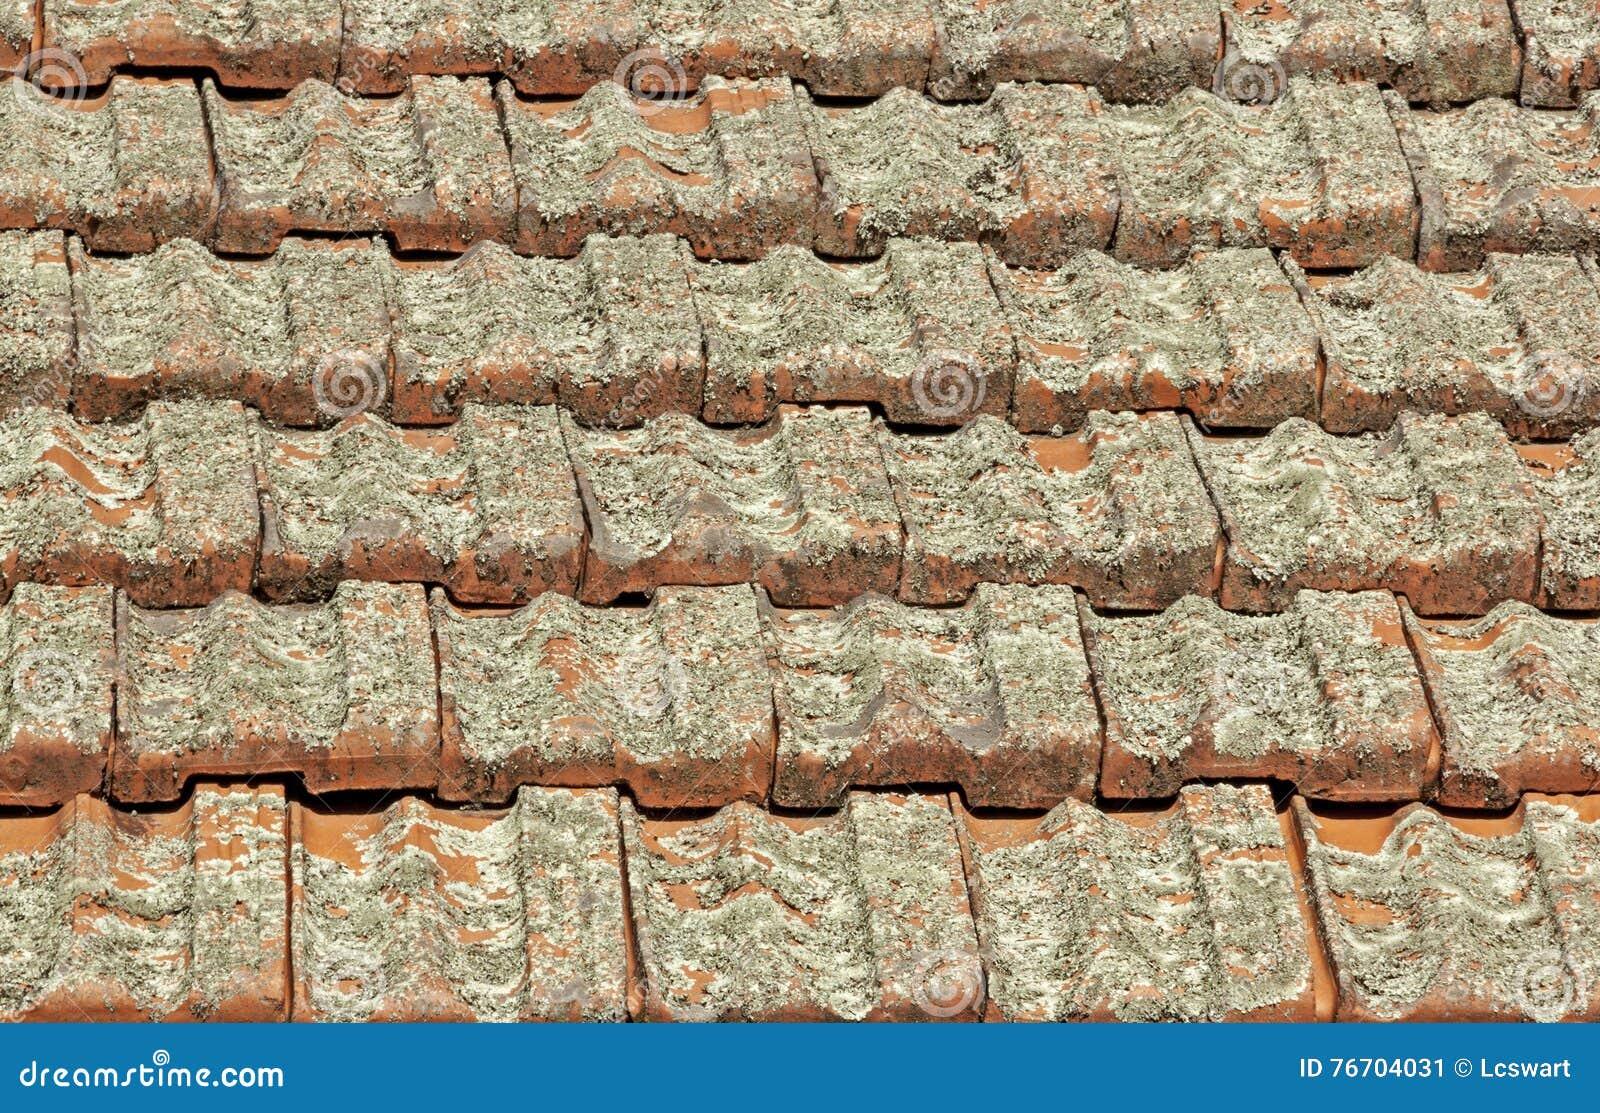 Tuiles de toit de terre cuite couvertes en Lichen Fungus